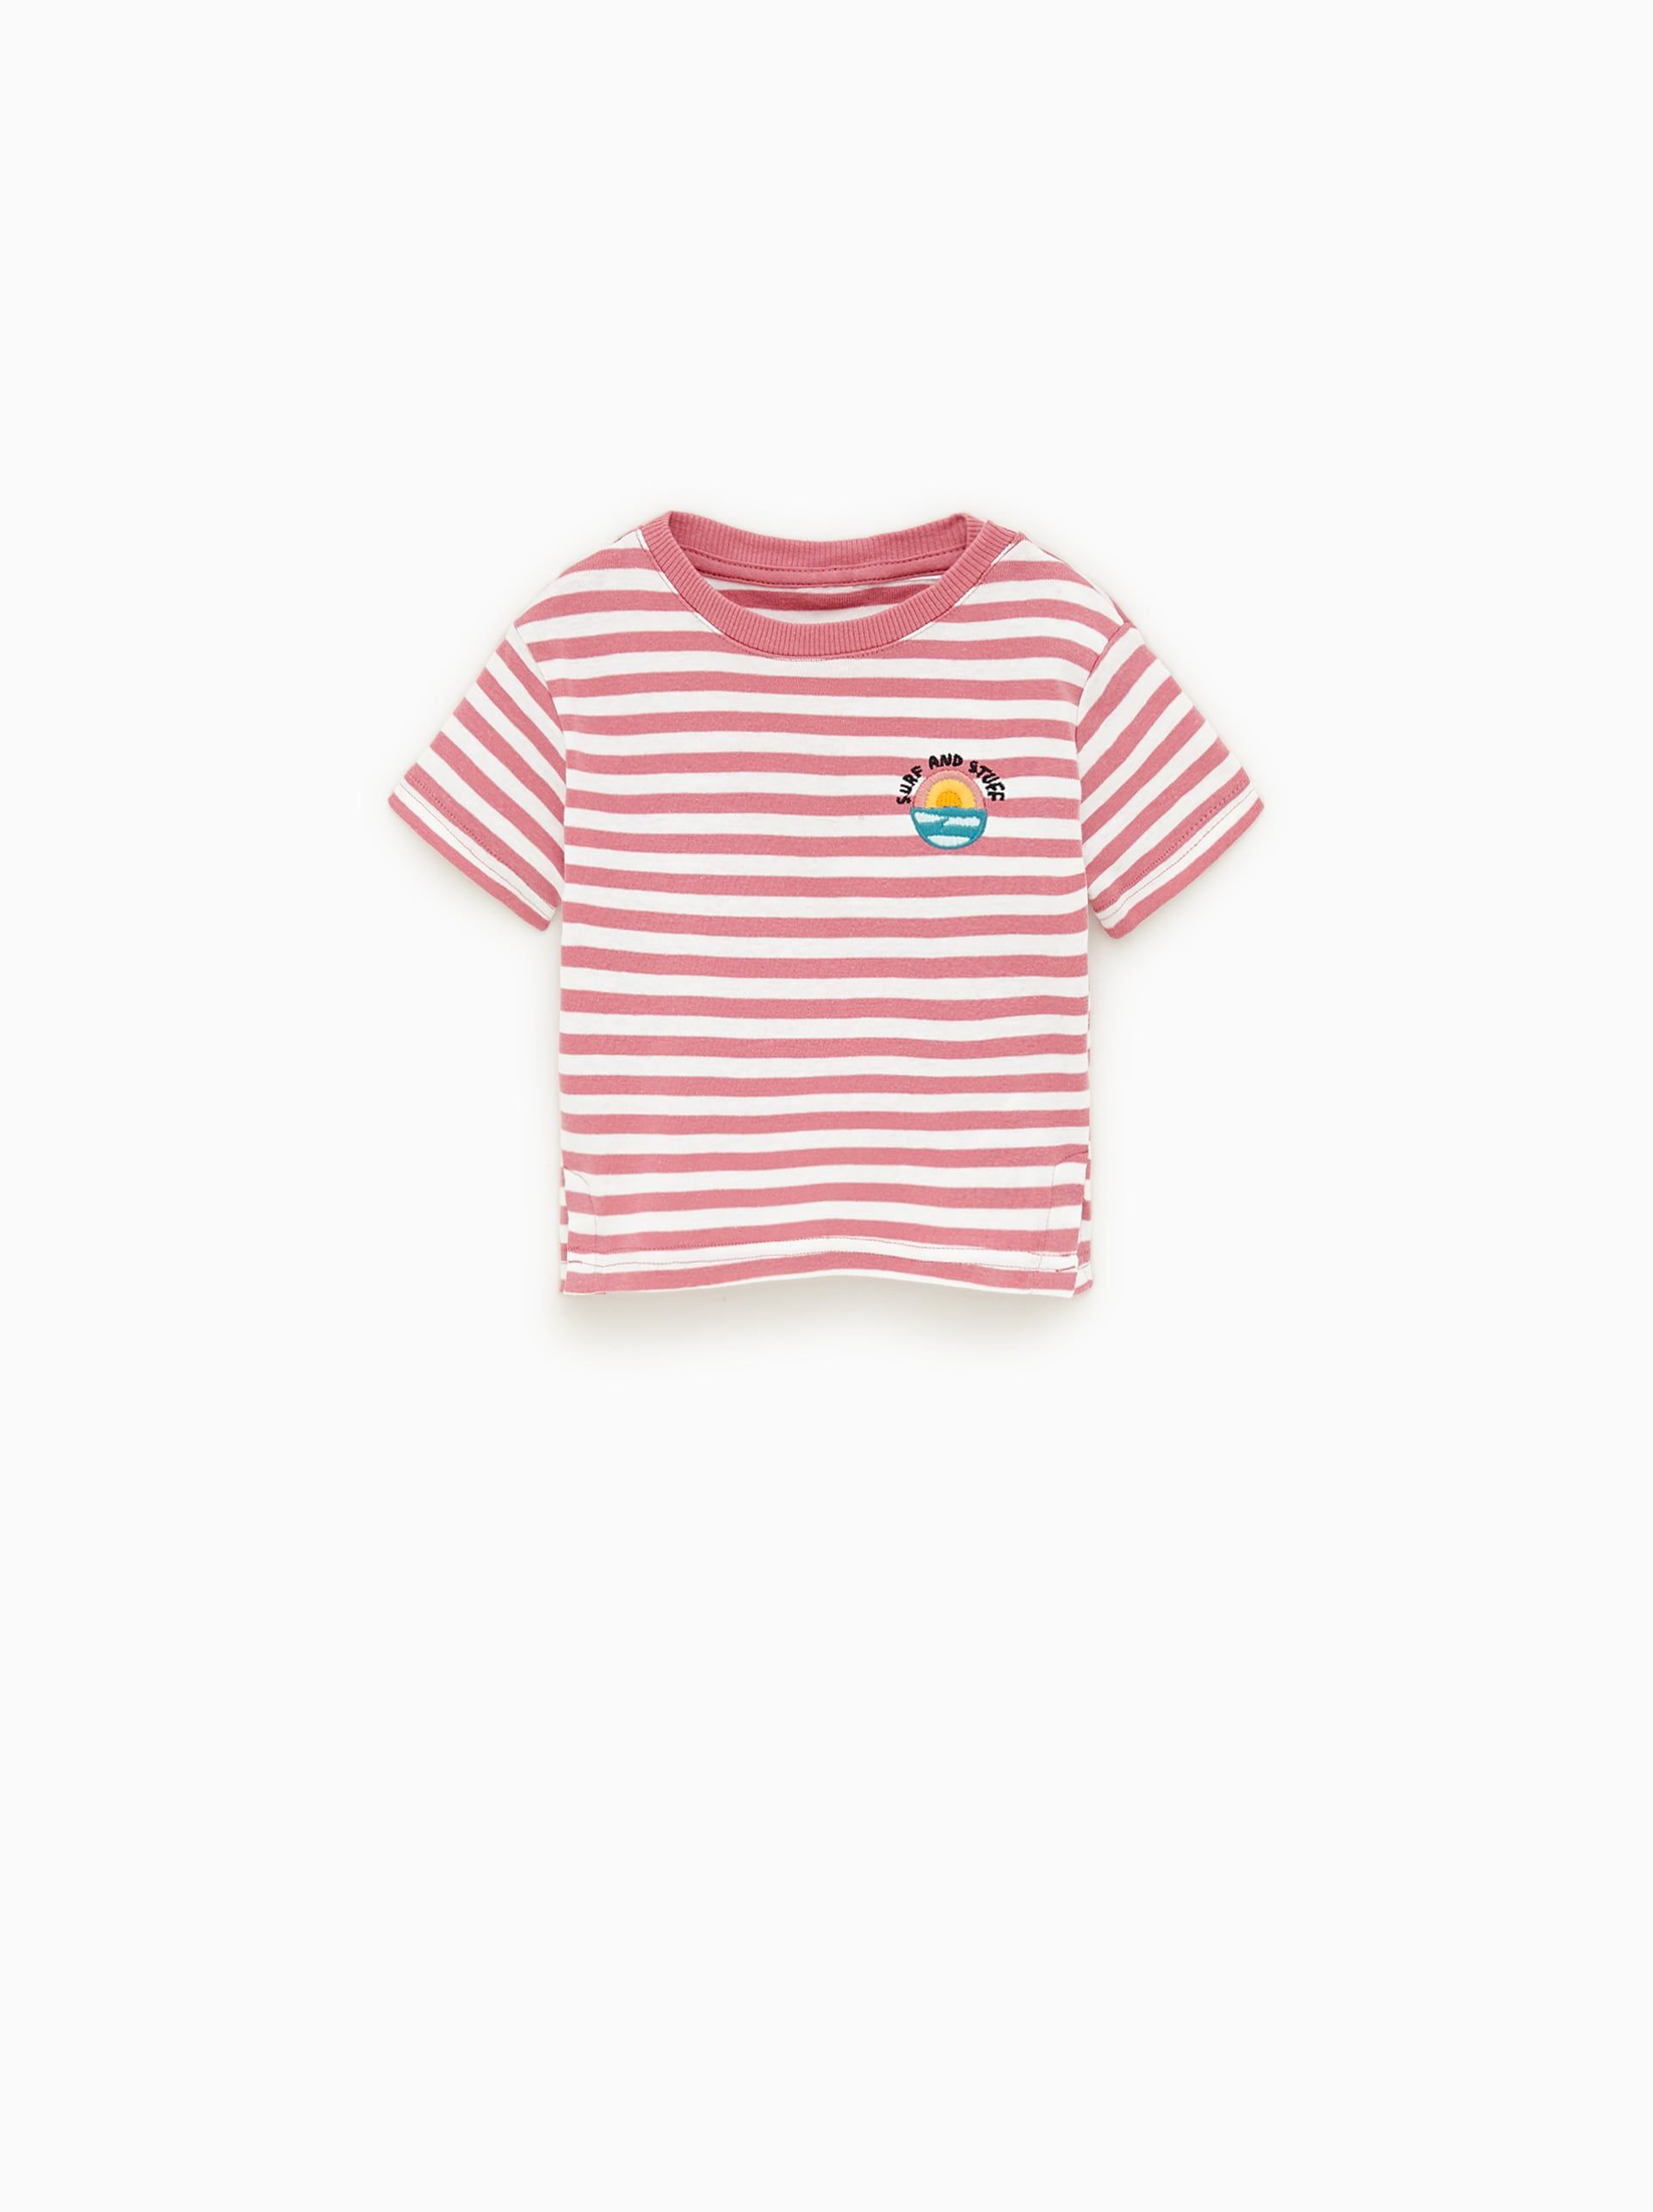 Camiseta Rayas Bolsillo Disponible En Mas Colores Camisetas De